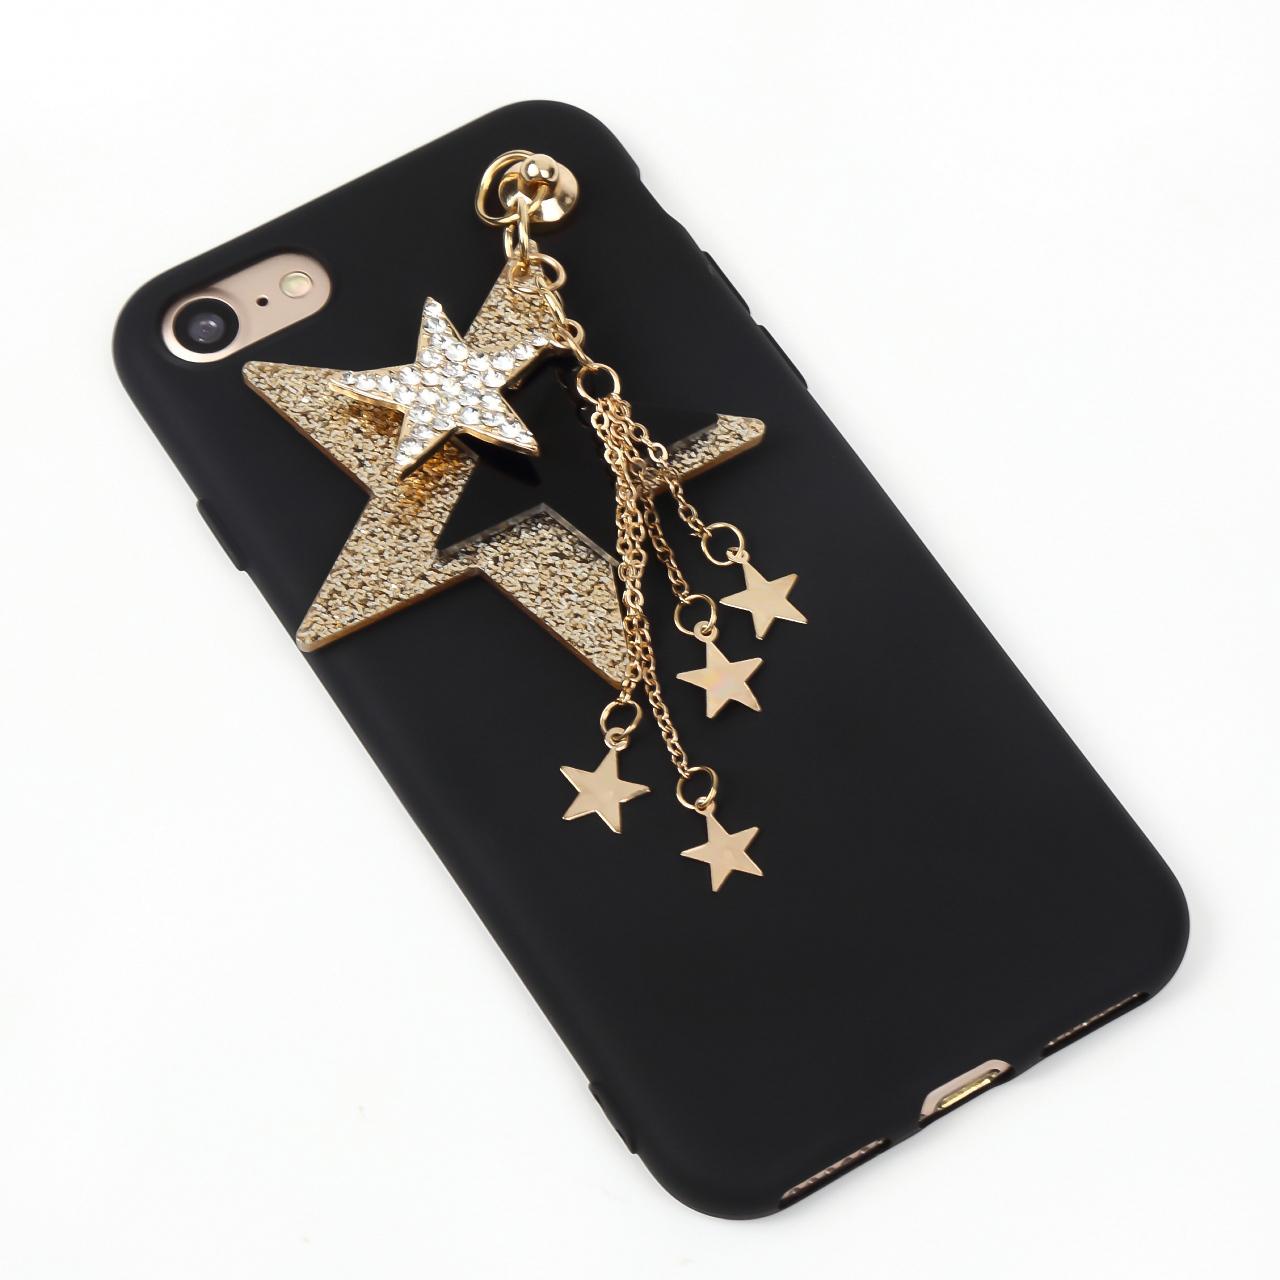 【送料無料】ブラックソフトケースにスターのチャーム iPhoneケース